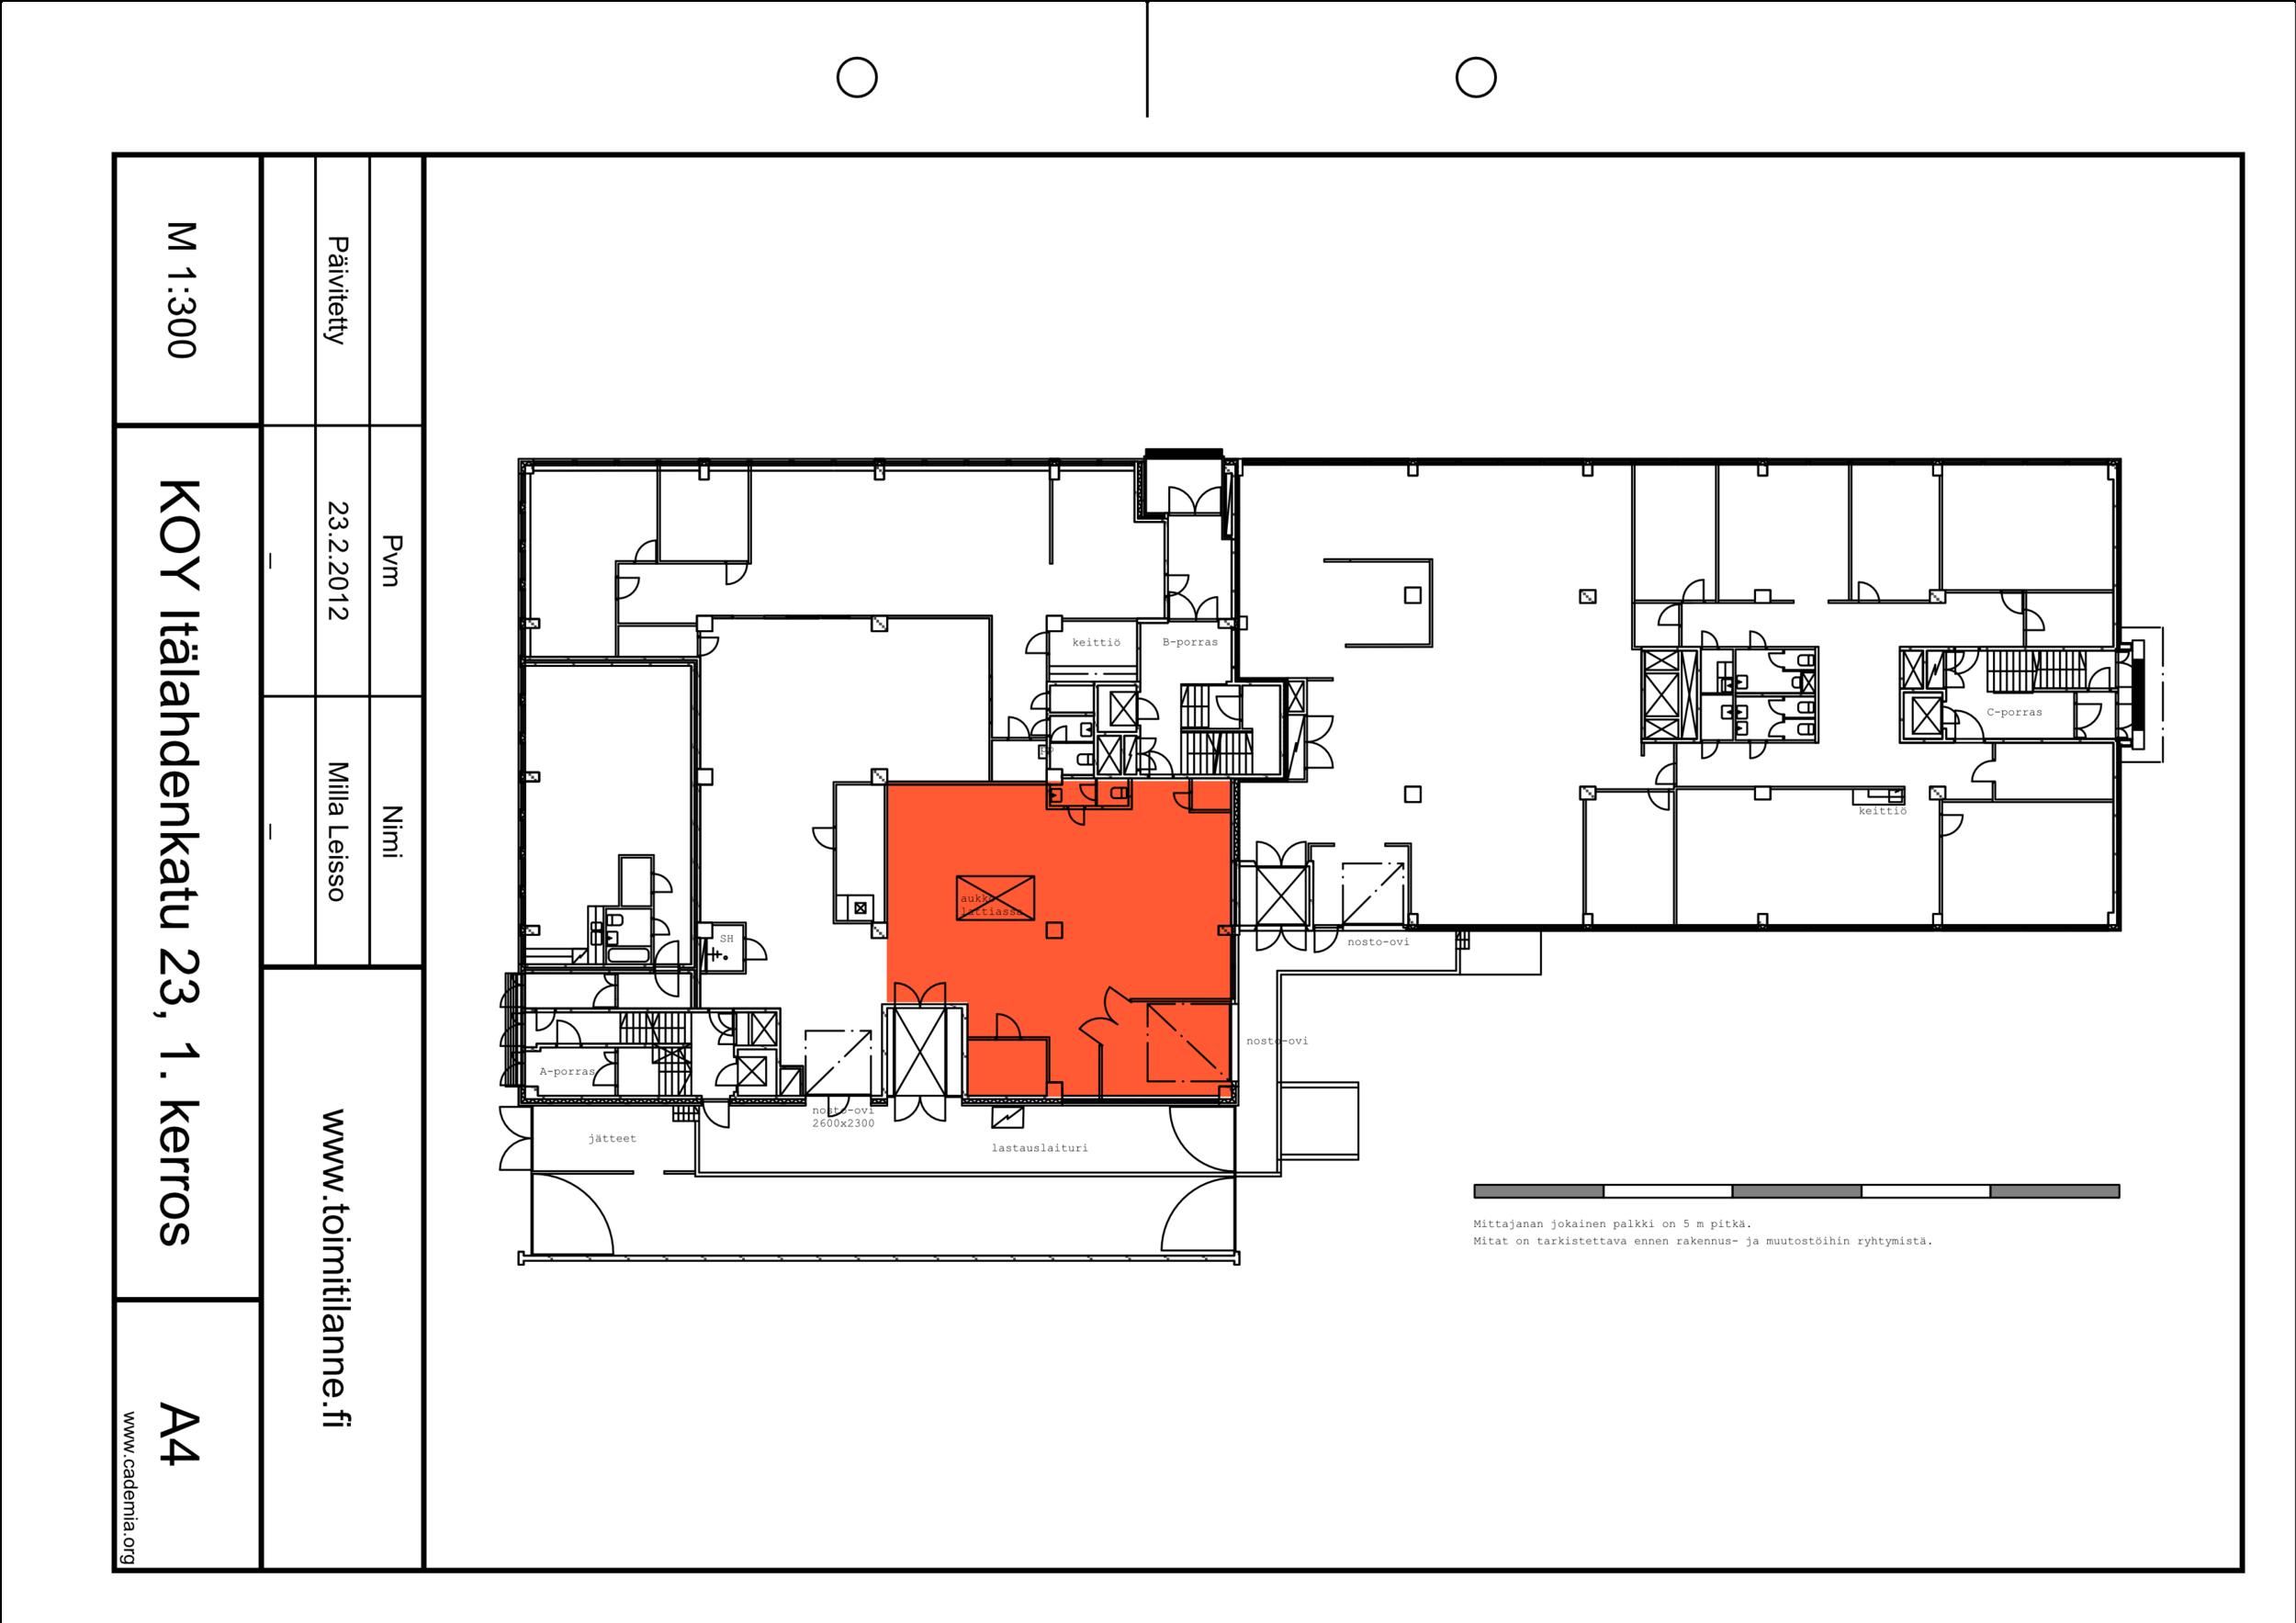 Toimitilanne Suomi, Helsinki - Lauttasaari, Itälahdenkatu 23. Varastotila 152 m²